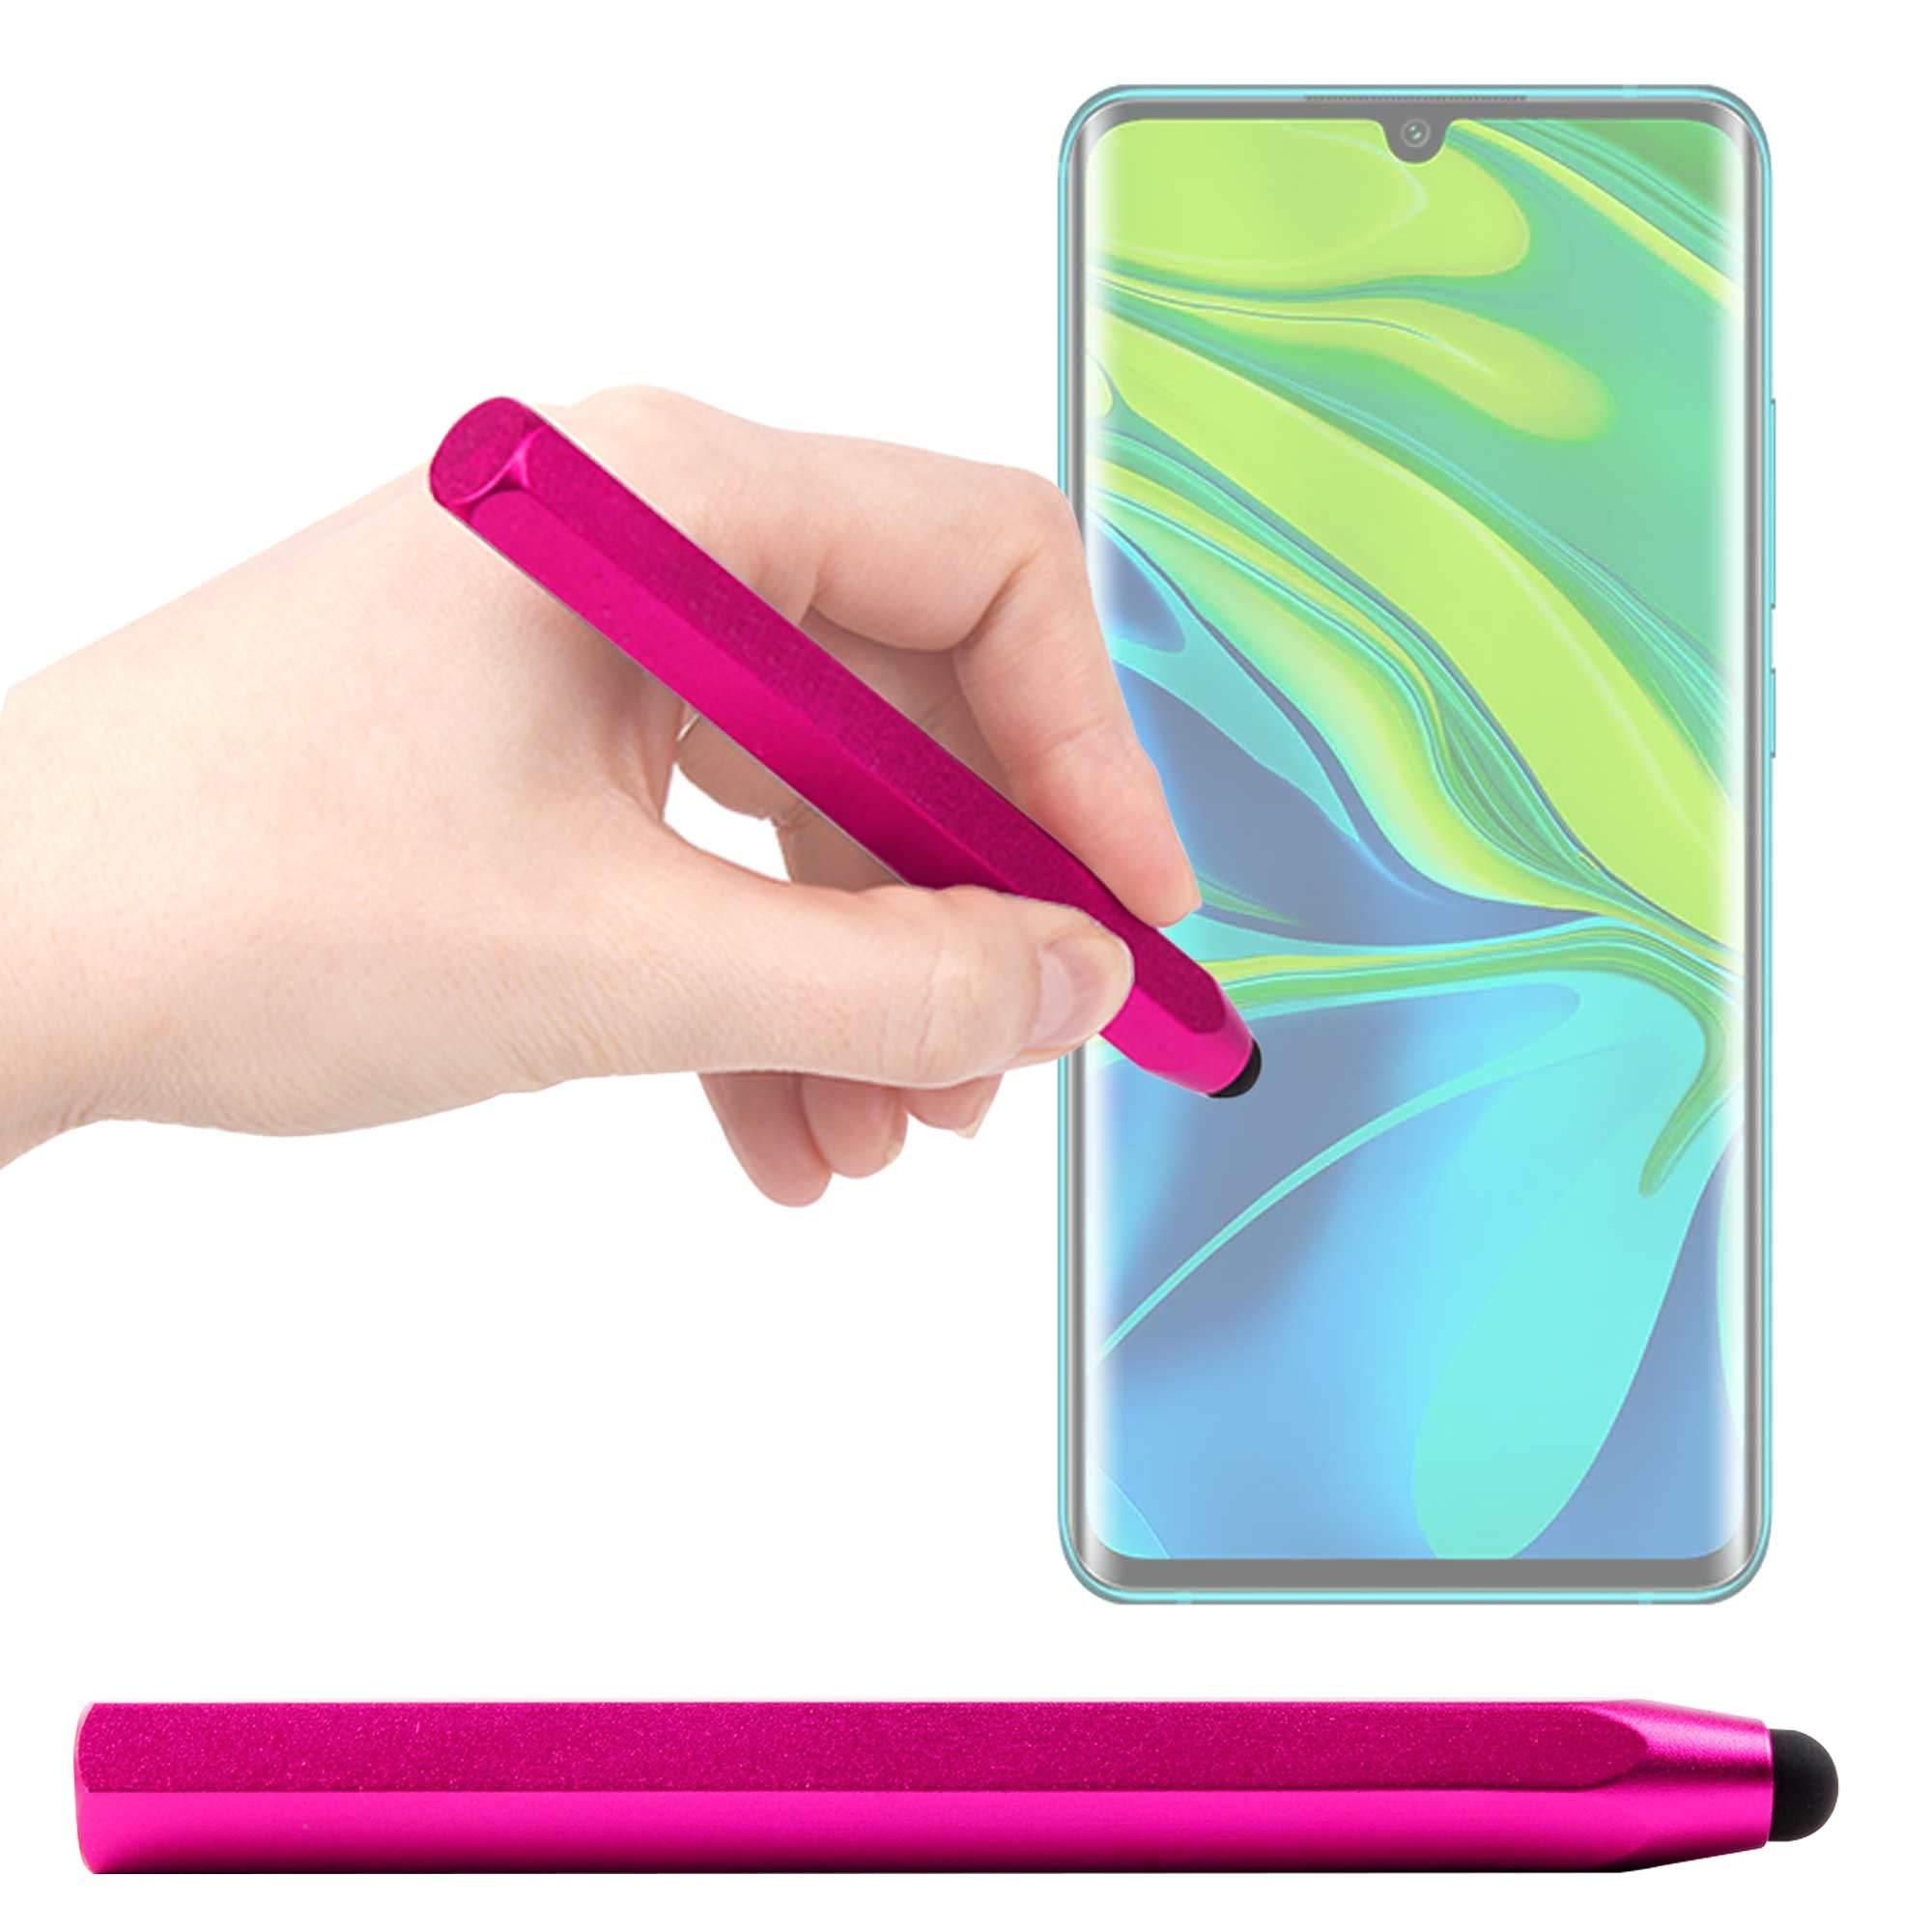 DURAGADGET Lápiz Stylus Rosa Compatible con Smartphone Xiaomi Mi Note 10, Xiaomi Mi Note 10 Pro, Xiaomi Mi 9 Lite, Xiaomi CC9 Pro: Amazon.es: Electrónica